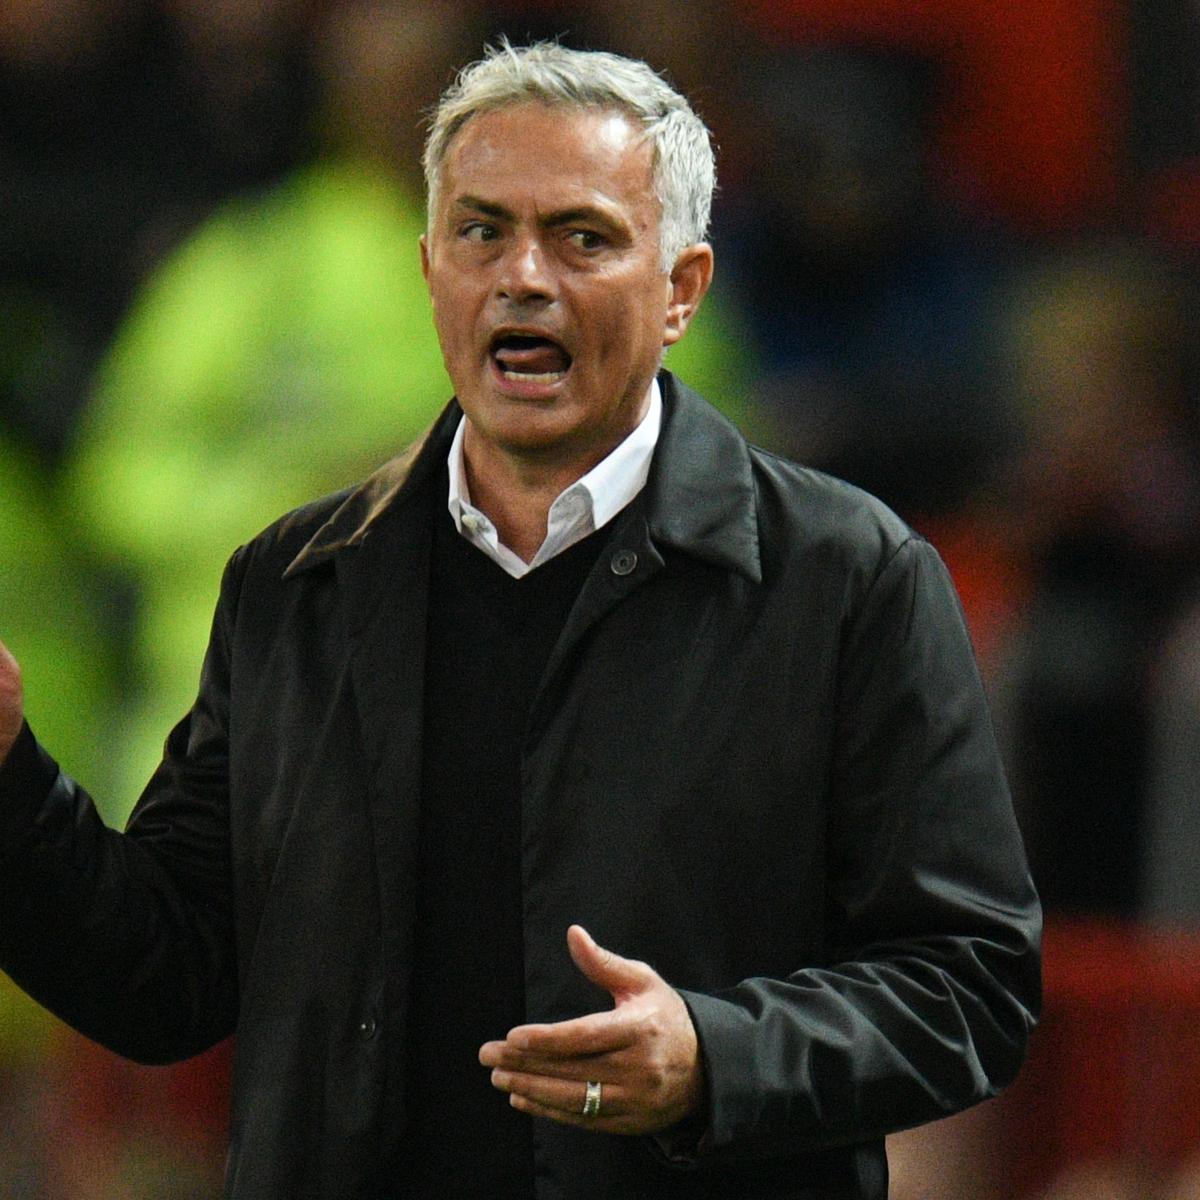 Lucas Moura Mourinho: Jose Mourinho Storms Out Of Presser, Odds-on To Be Sacked